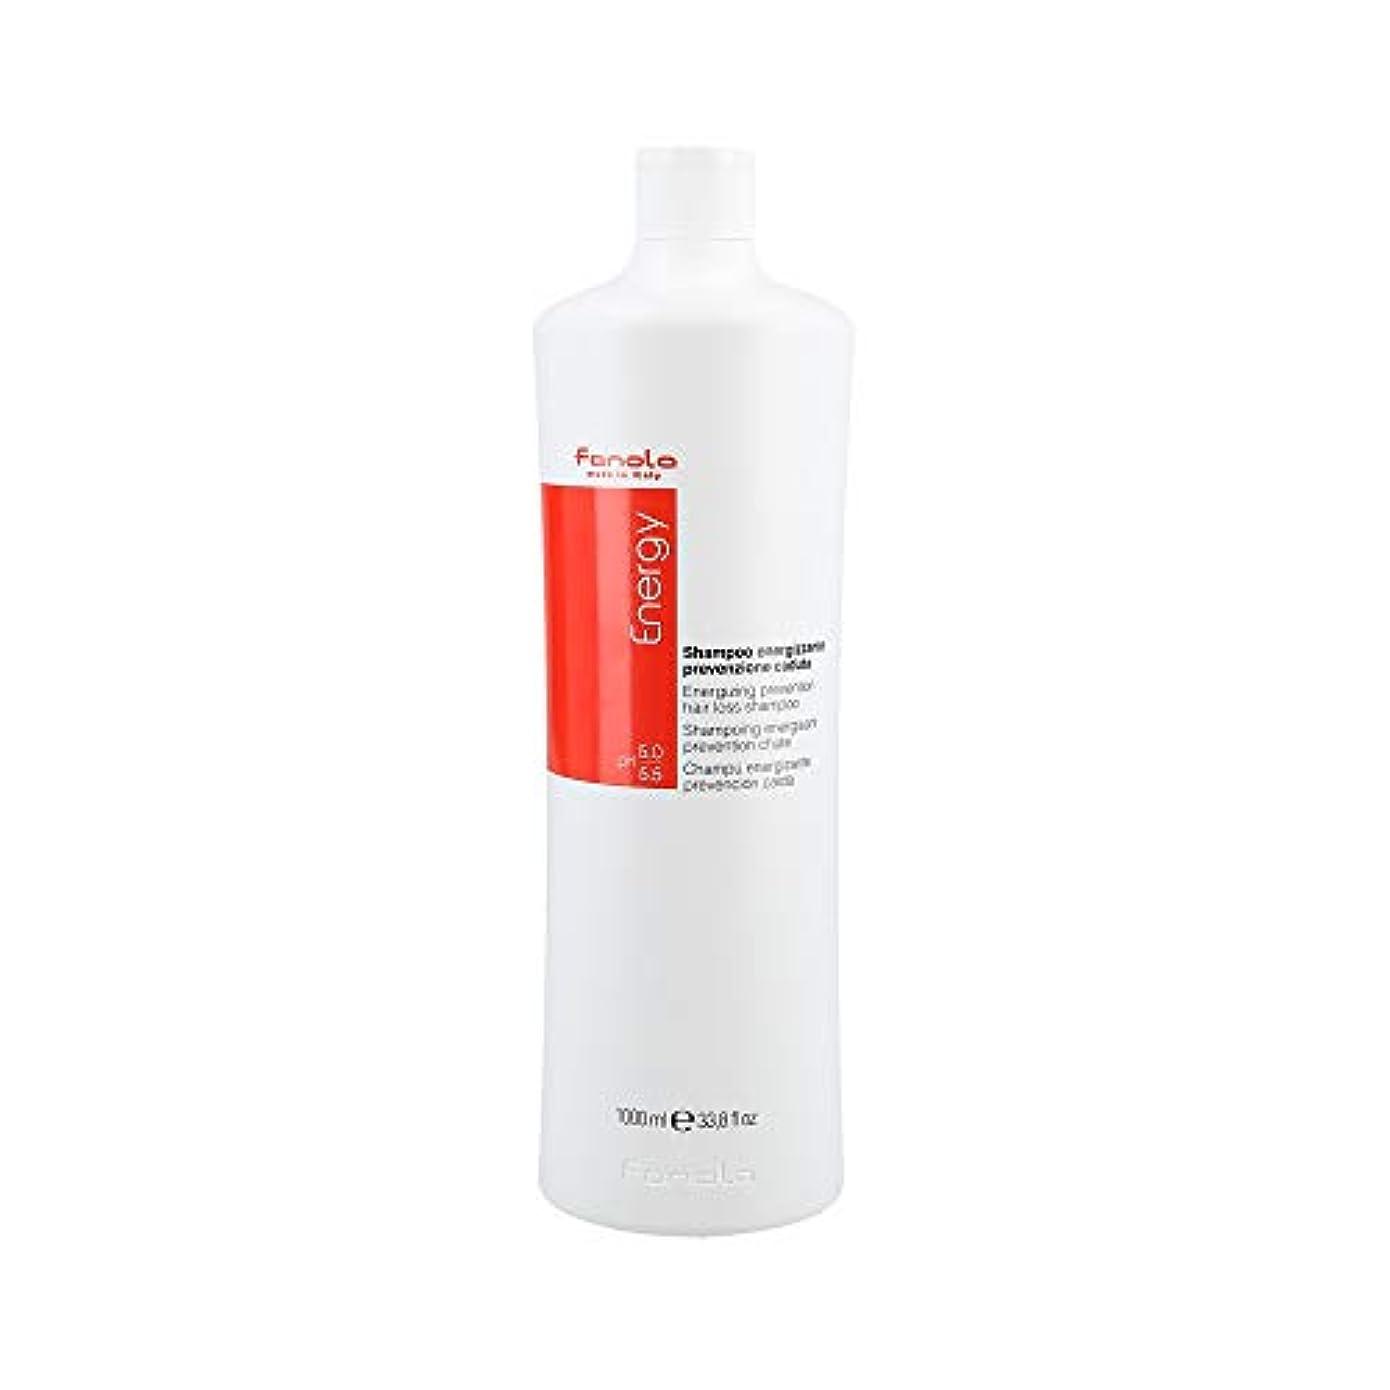 ファノーラシャンプーENERGY活性化脱毛防止1000mL 1L - 脱毛 - 弱い、上質な髪用